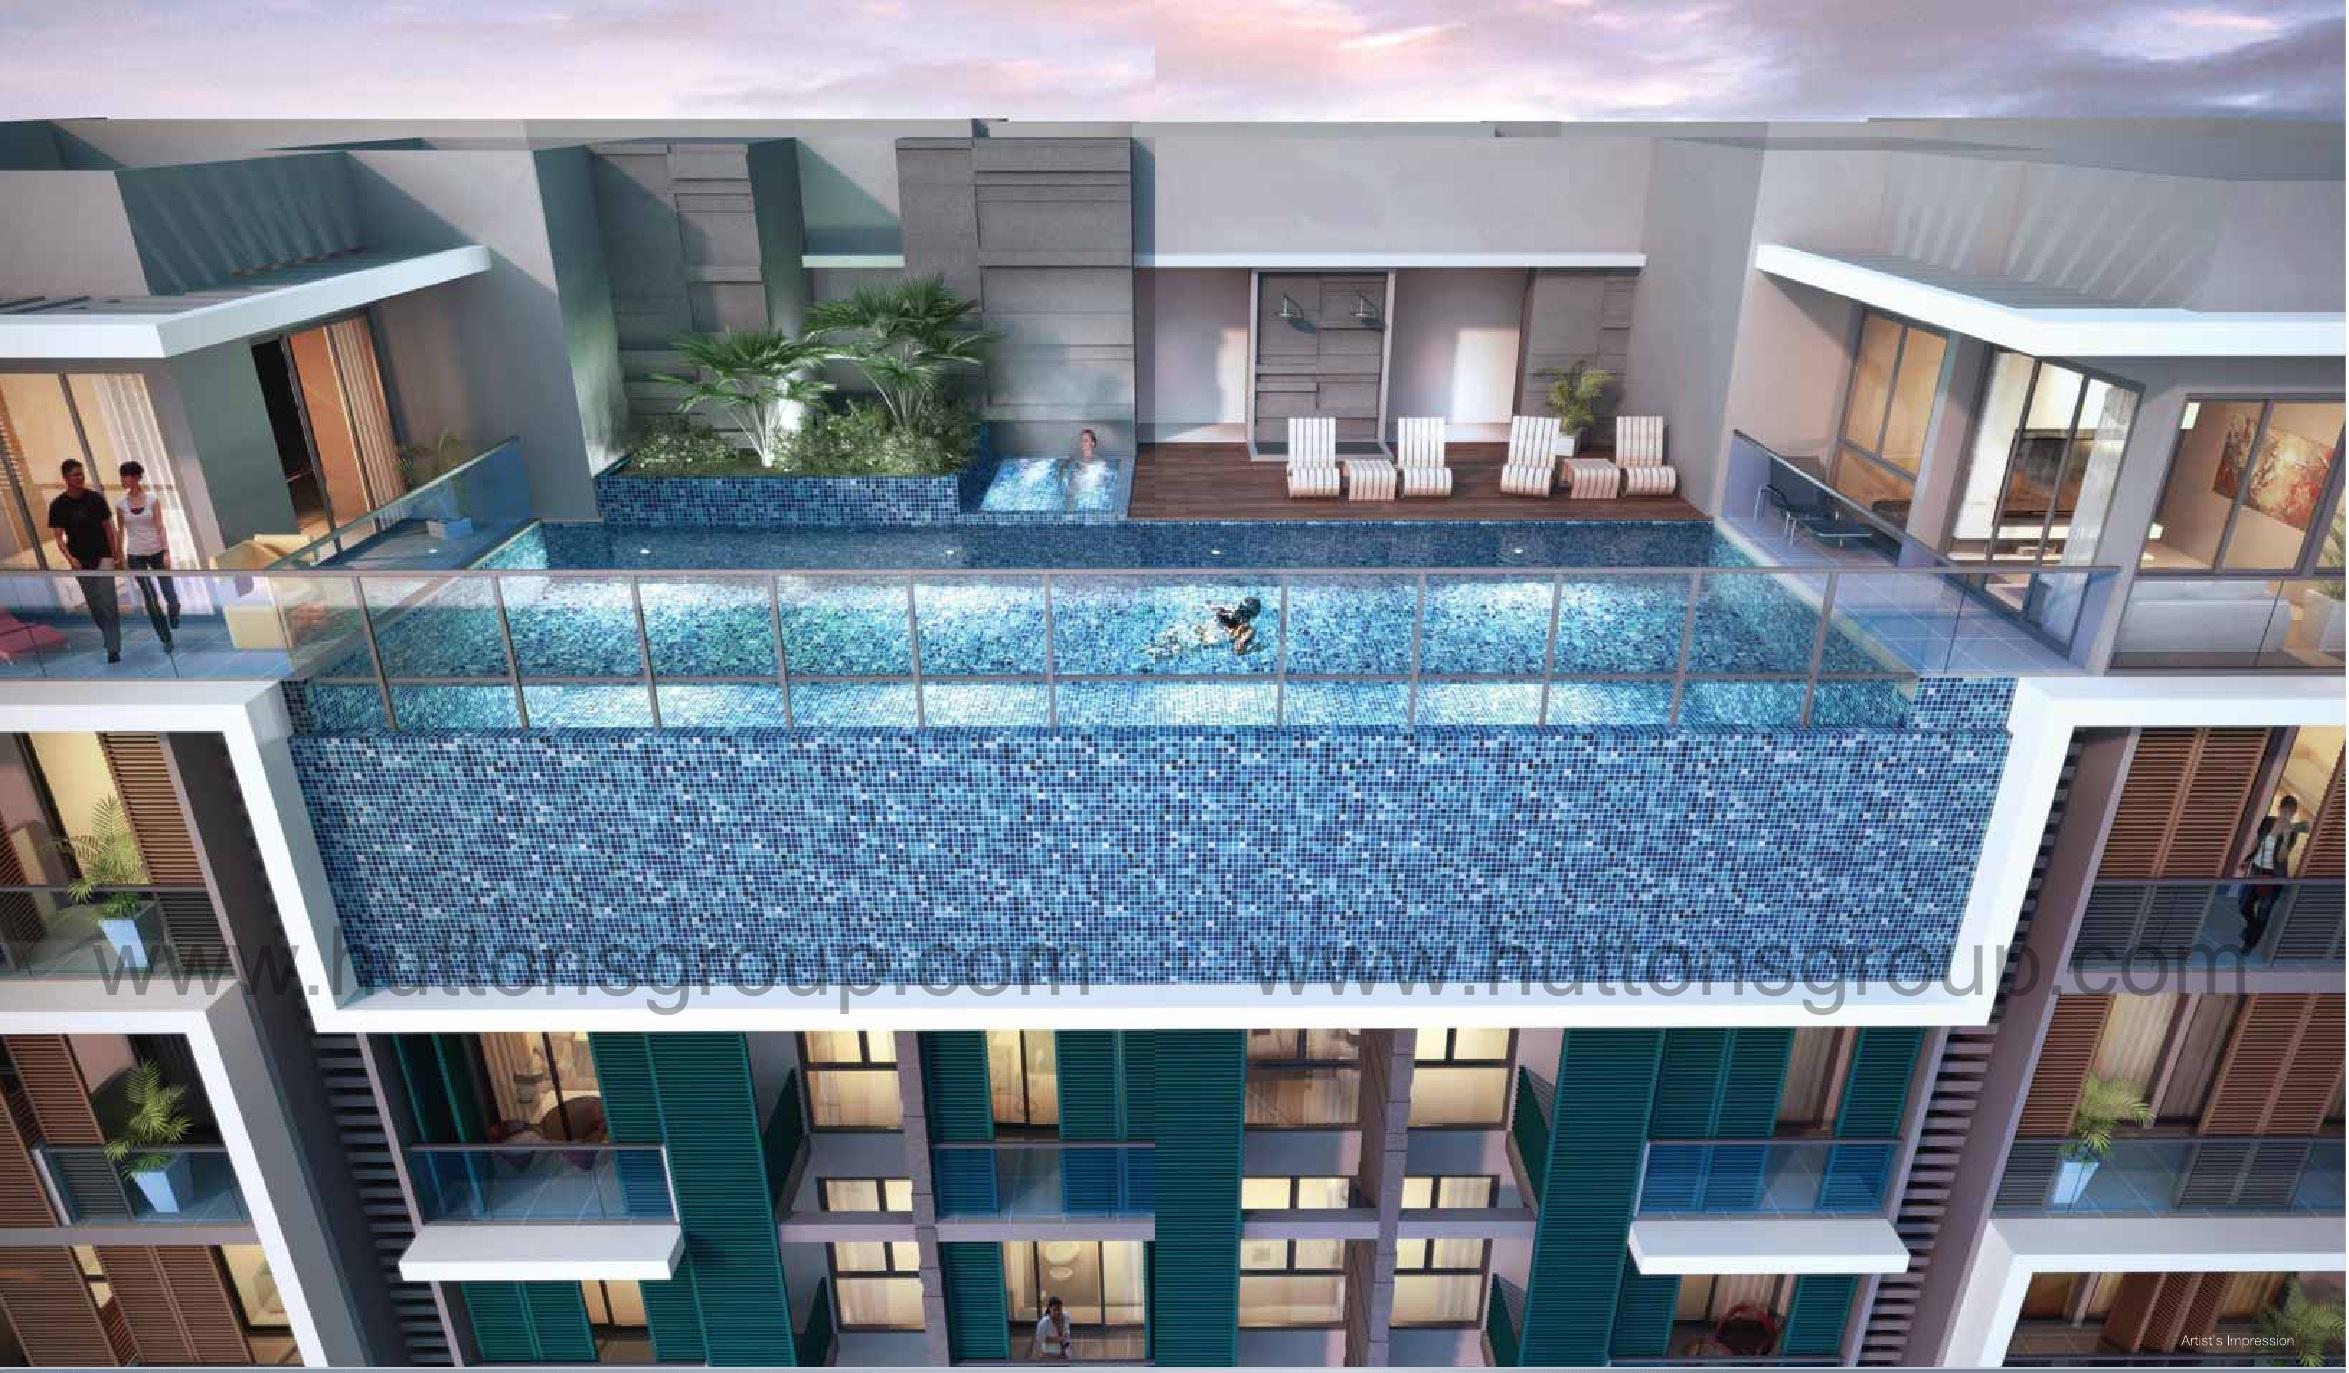 Idyllic-Suites Pool idyllic suites Idyllic Suites Singapore | Showflat Hotline +65 61007122 idyllic suites pool